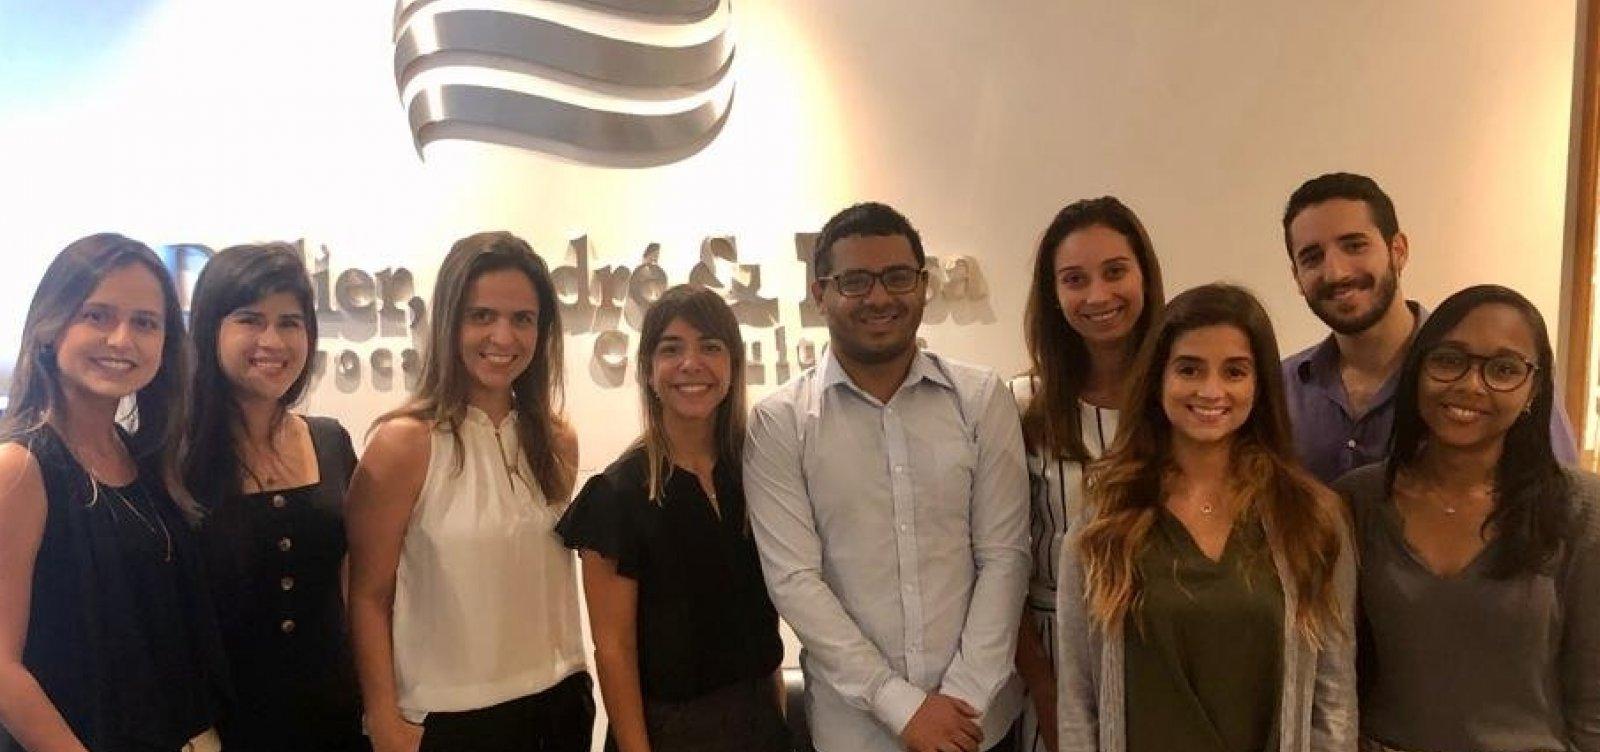 Instituição firma parceira e presta atendimento jurídico gratuito em Salvador